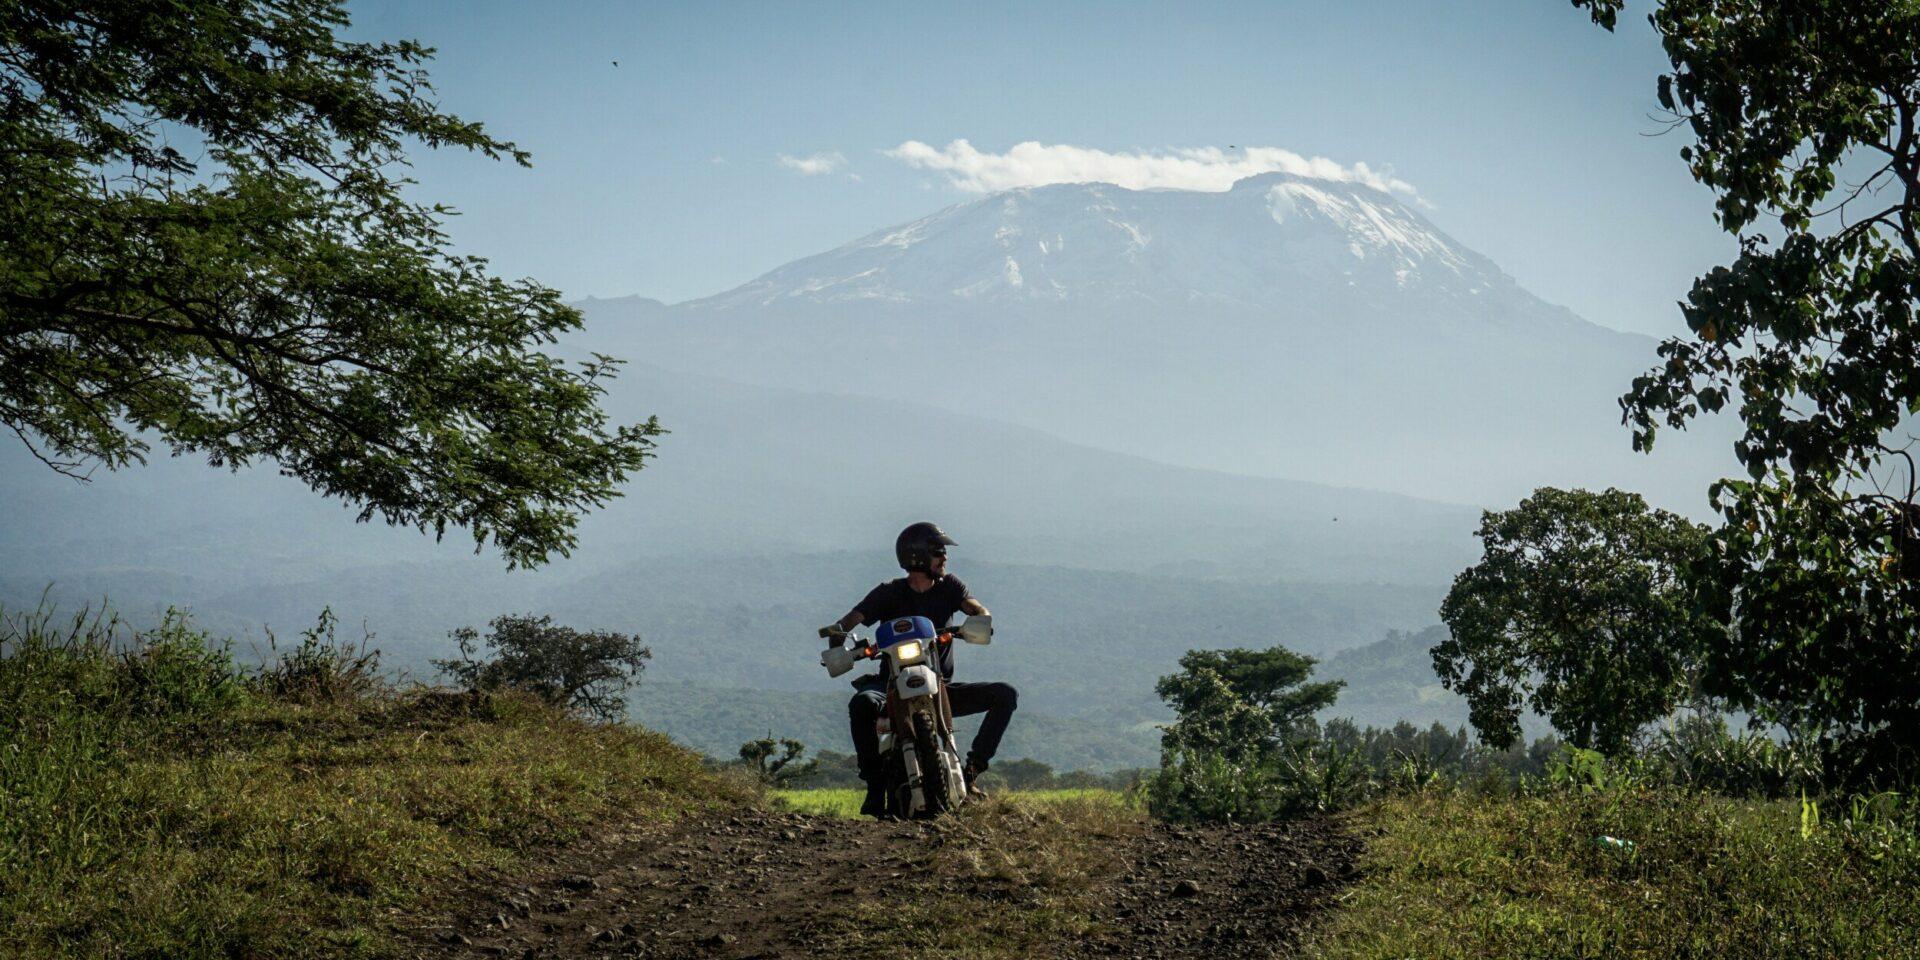 Motorcycle road trip Tanzania - Tanzania: An adventure tour across Maasai lands